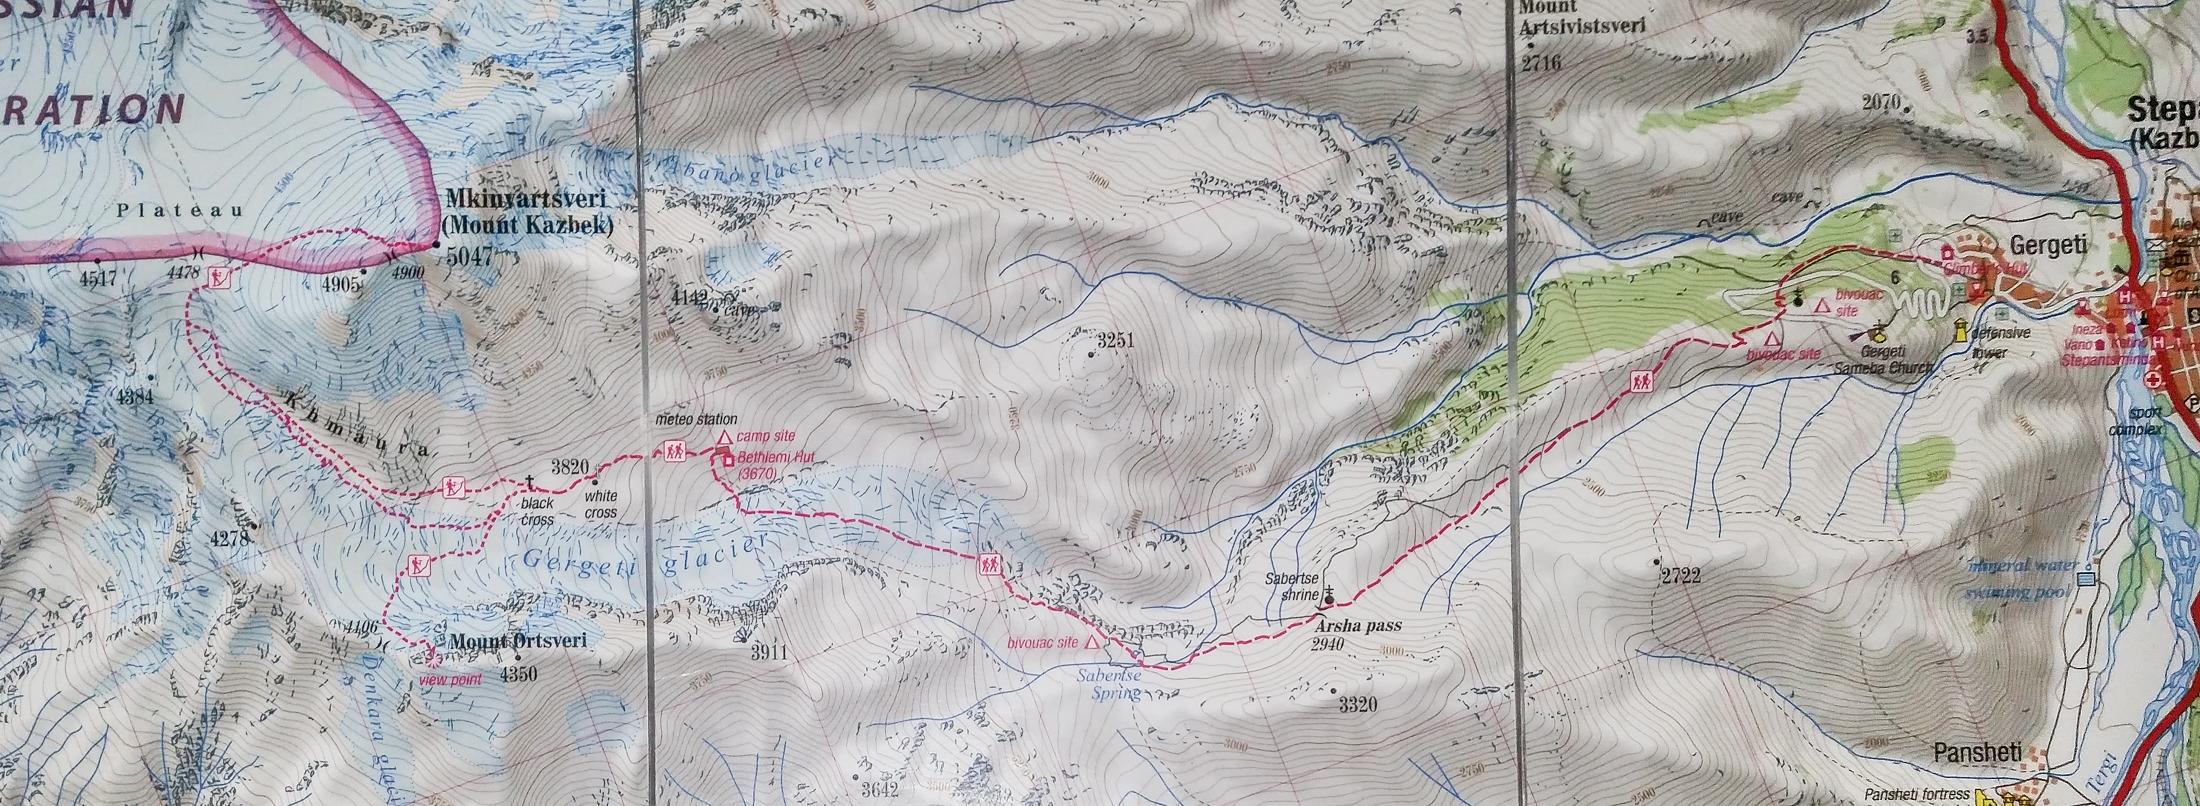 Kazbek - mapa